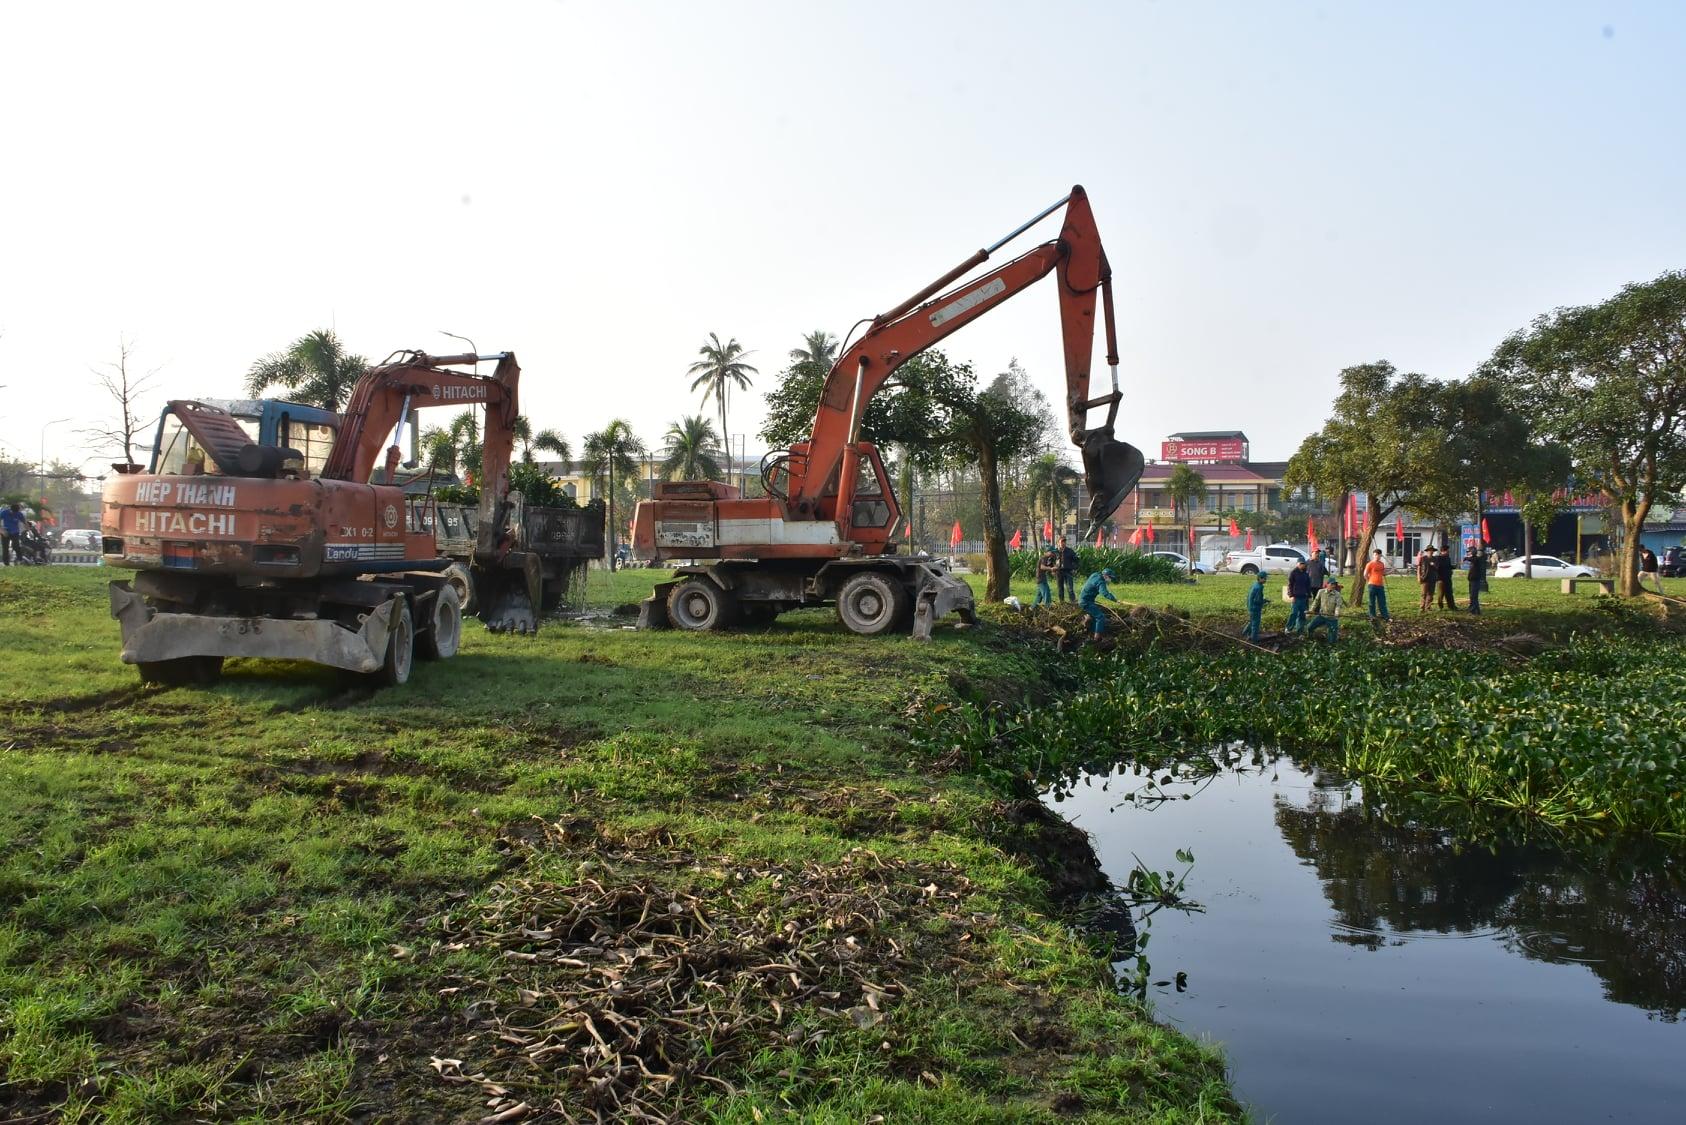 """Cán bộ và các tầng lớp nhân dân trên địa bàn tỉnh Thừa Thiên Huế hưởng ứng rất tốt chương trình Ngày Chủ nhật xanh """"Hãy hành động để Thừa Thiên Huế thêm Xanh - Sạch - Sáng""""."""